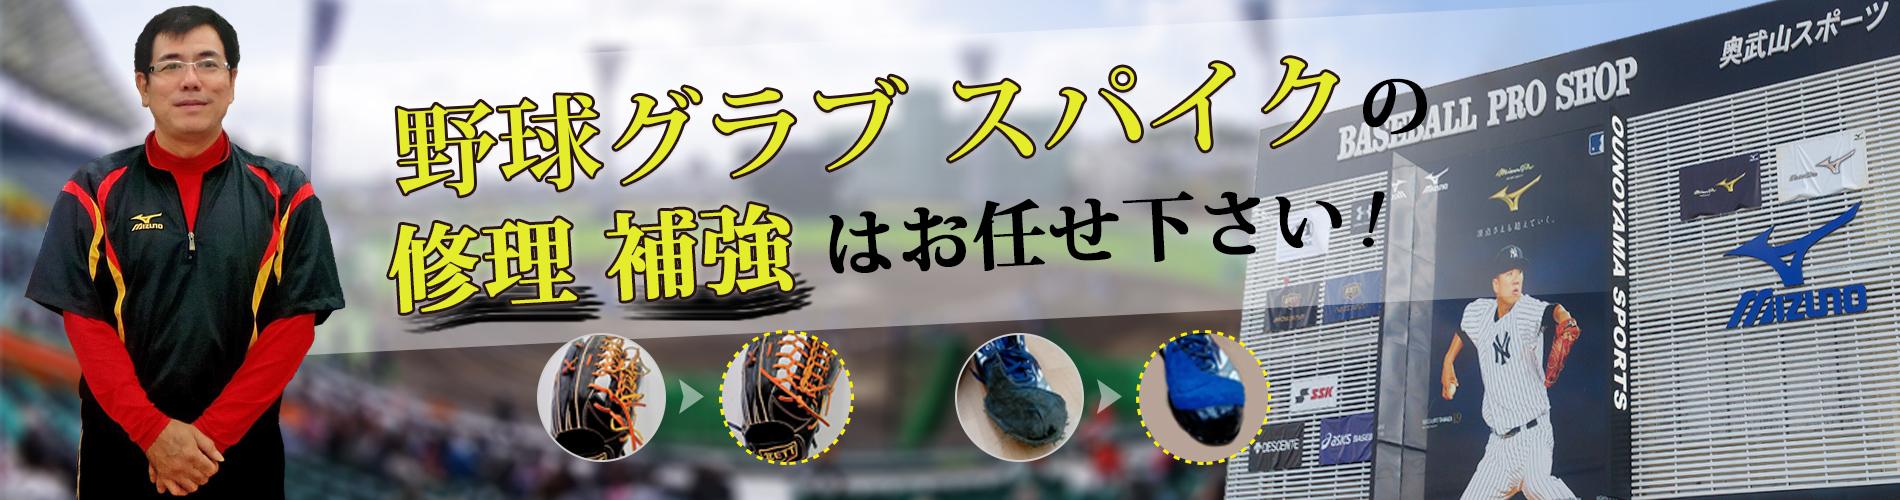 奥武山スポーツ